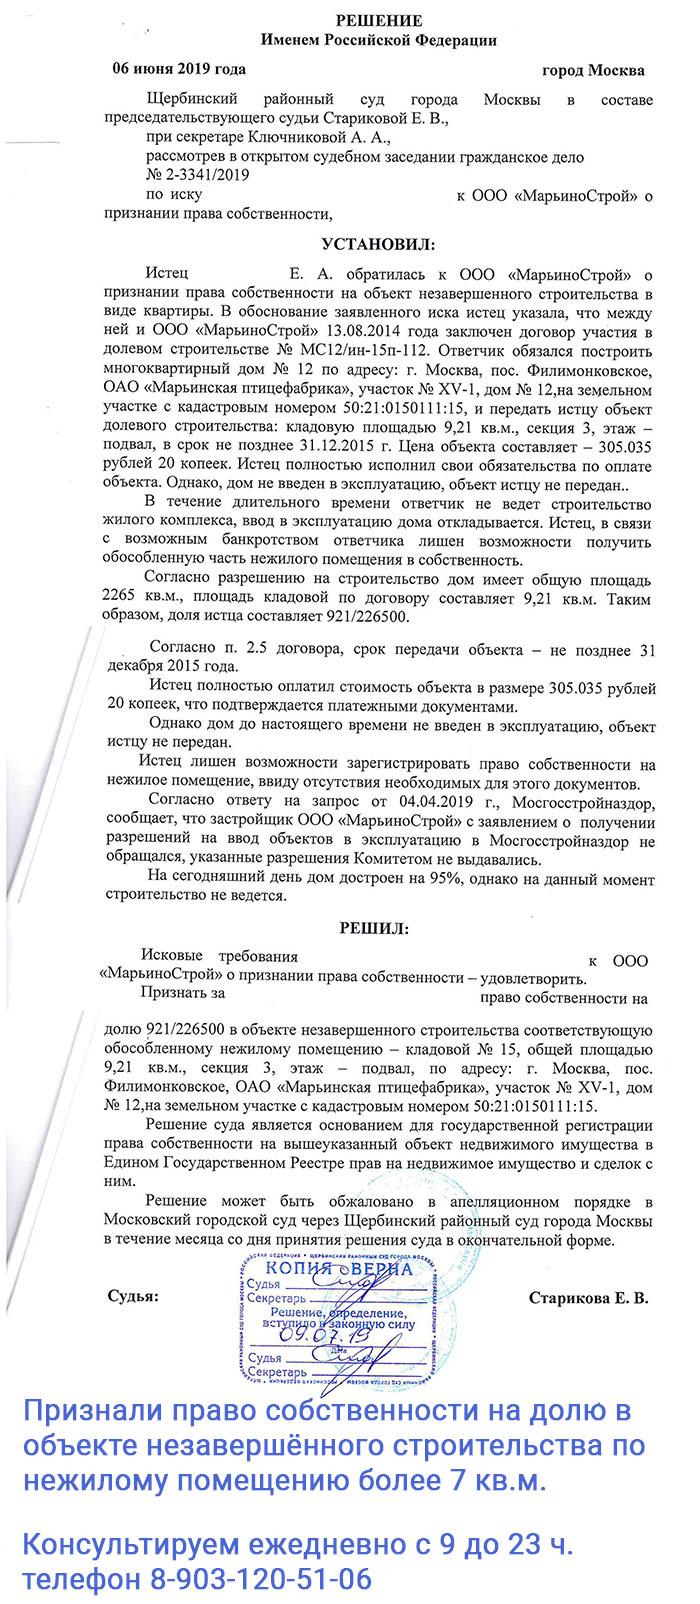 Решение Щербинского суда по нежилым более 7 кв.м. застройщика МарьиноСтрой